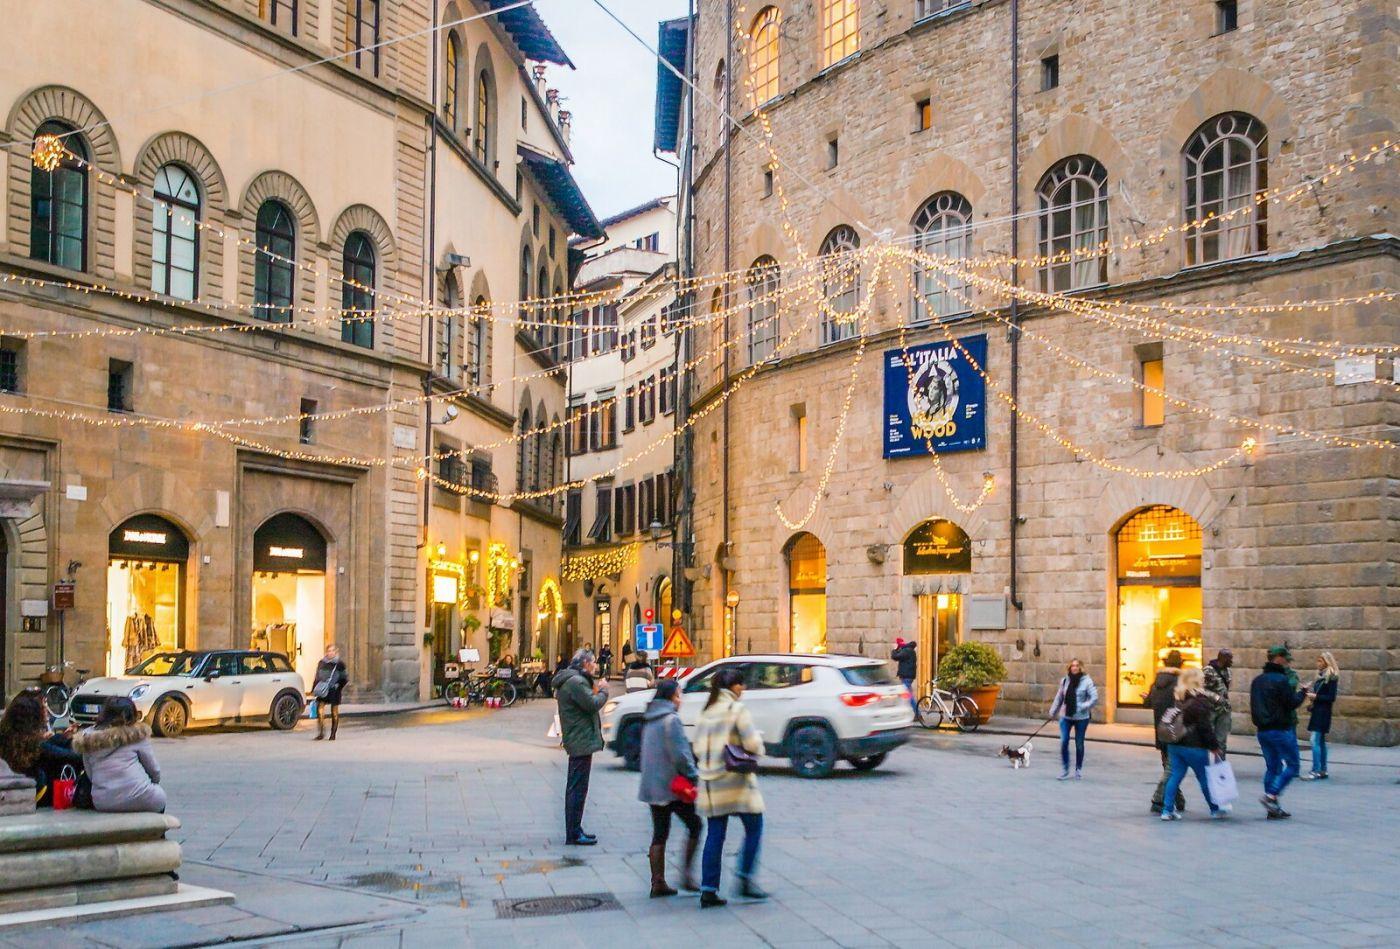 意大利佛罗伦萨(Florence),小街文化_图1-3